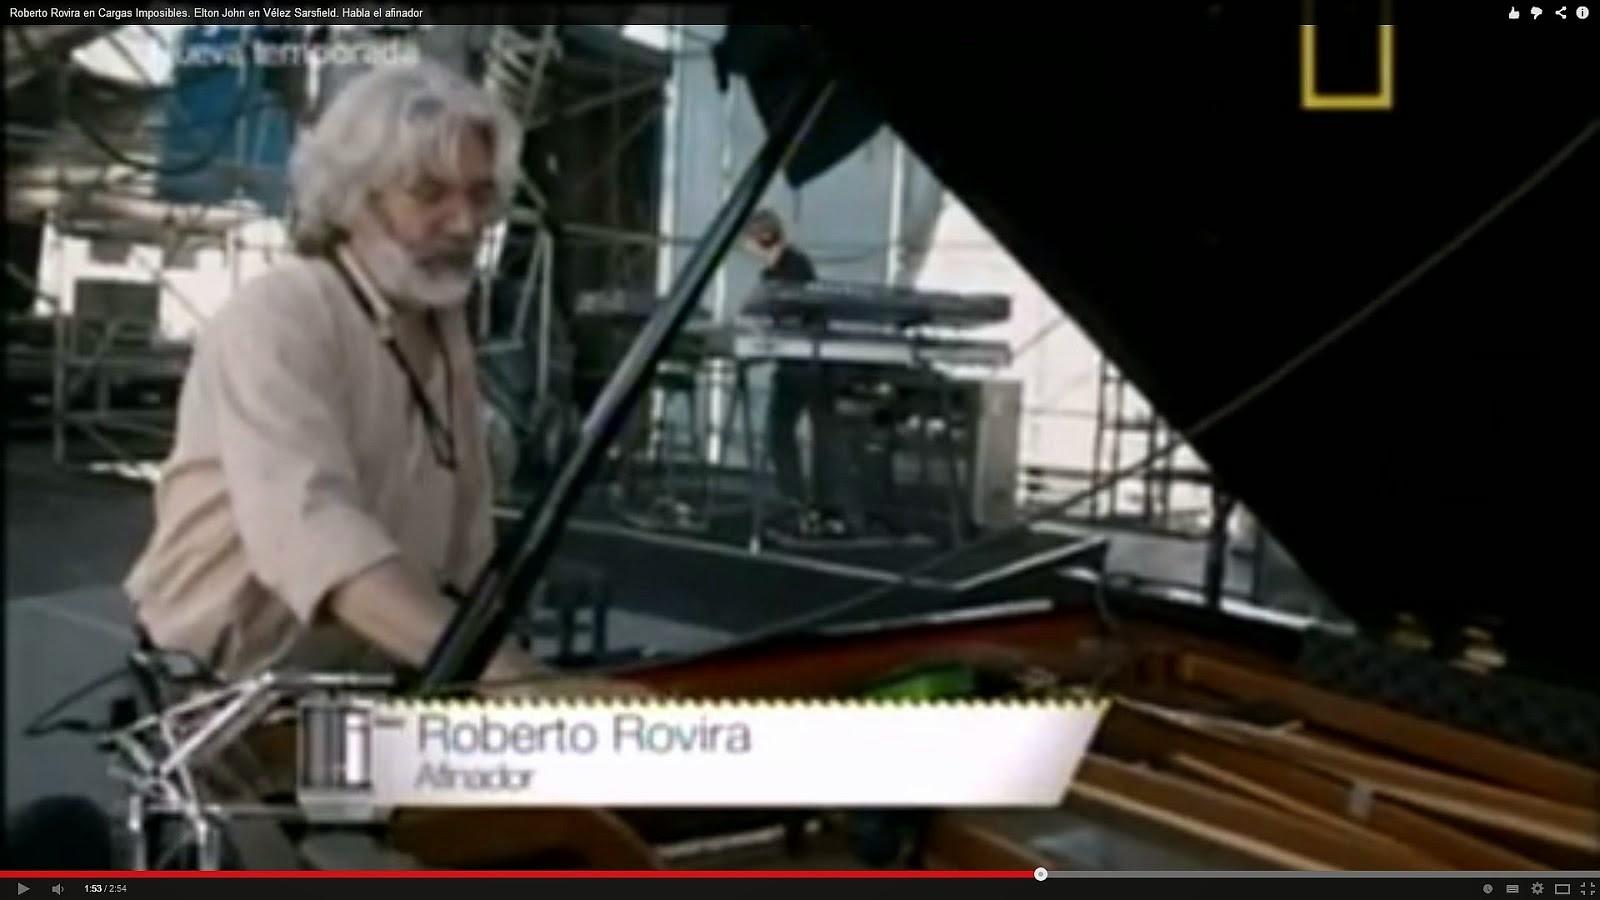 Roberto y el Yamaha CF de Elton John